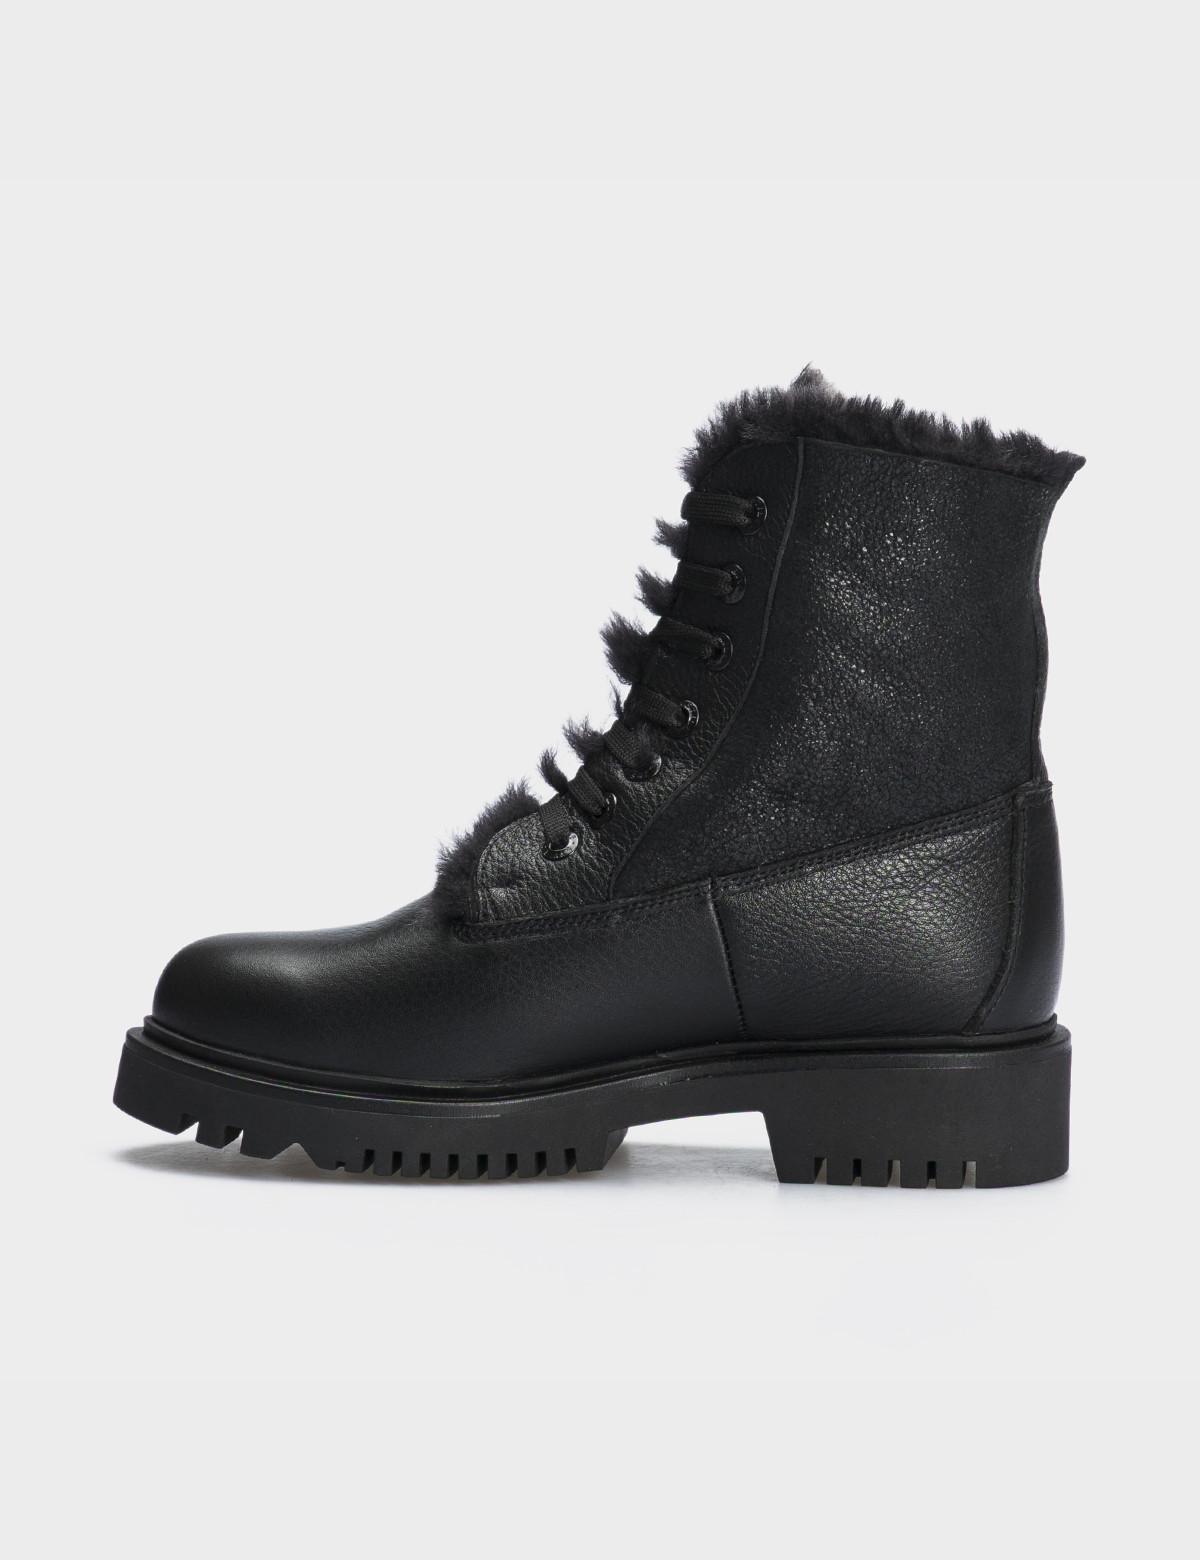 Ботинки черные,натуральная кожа. Шерсть3